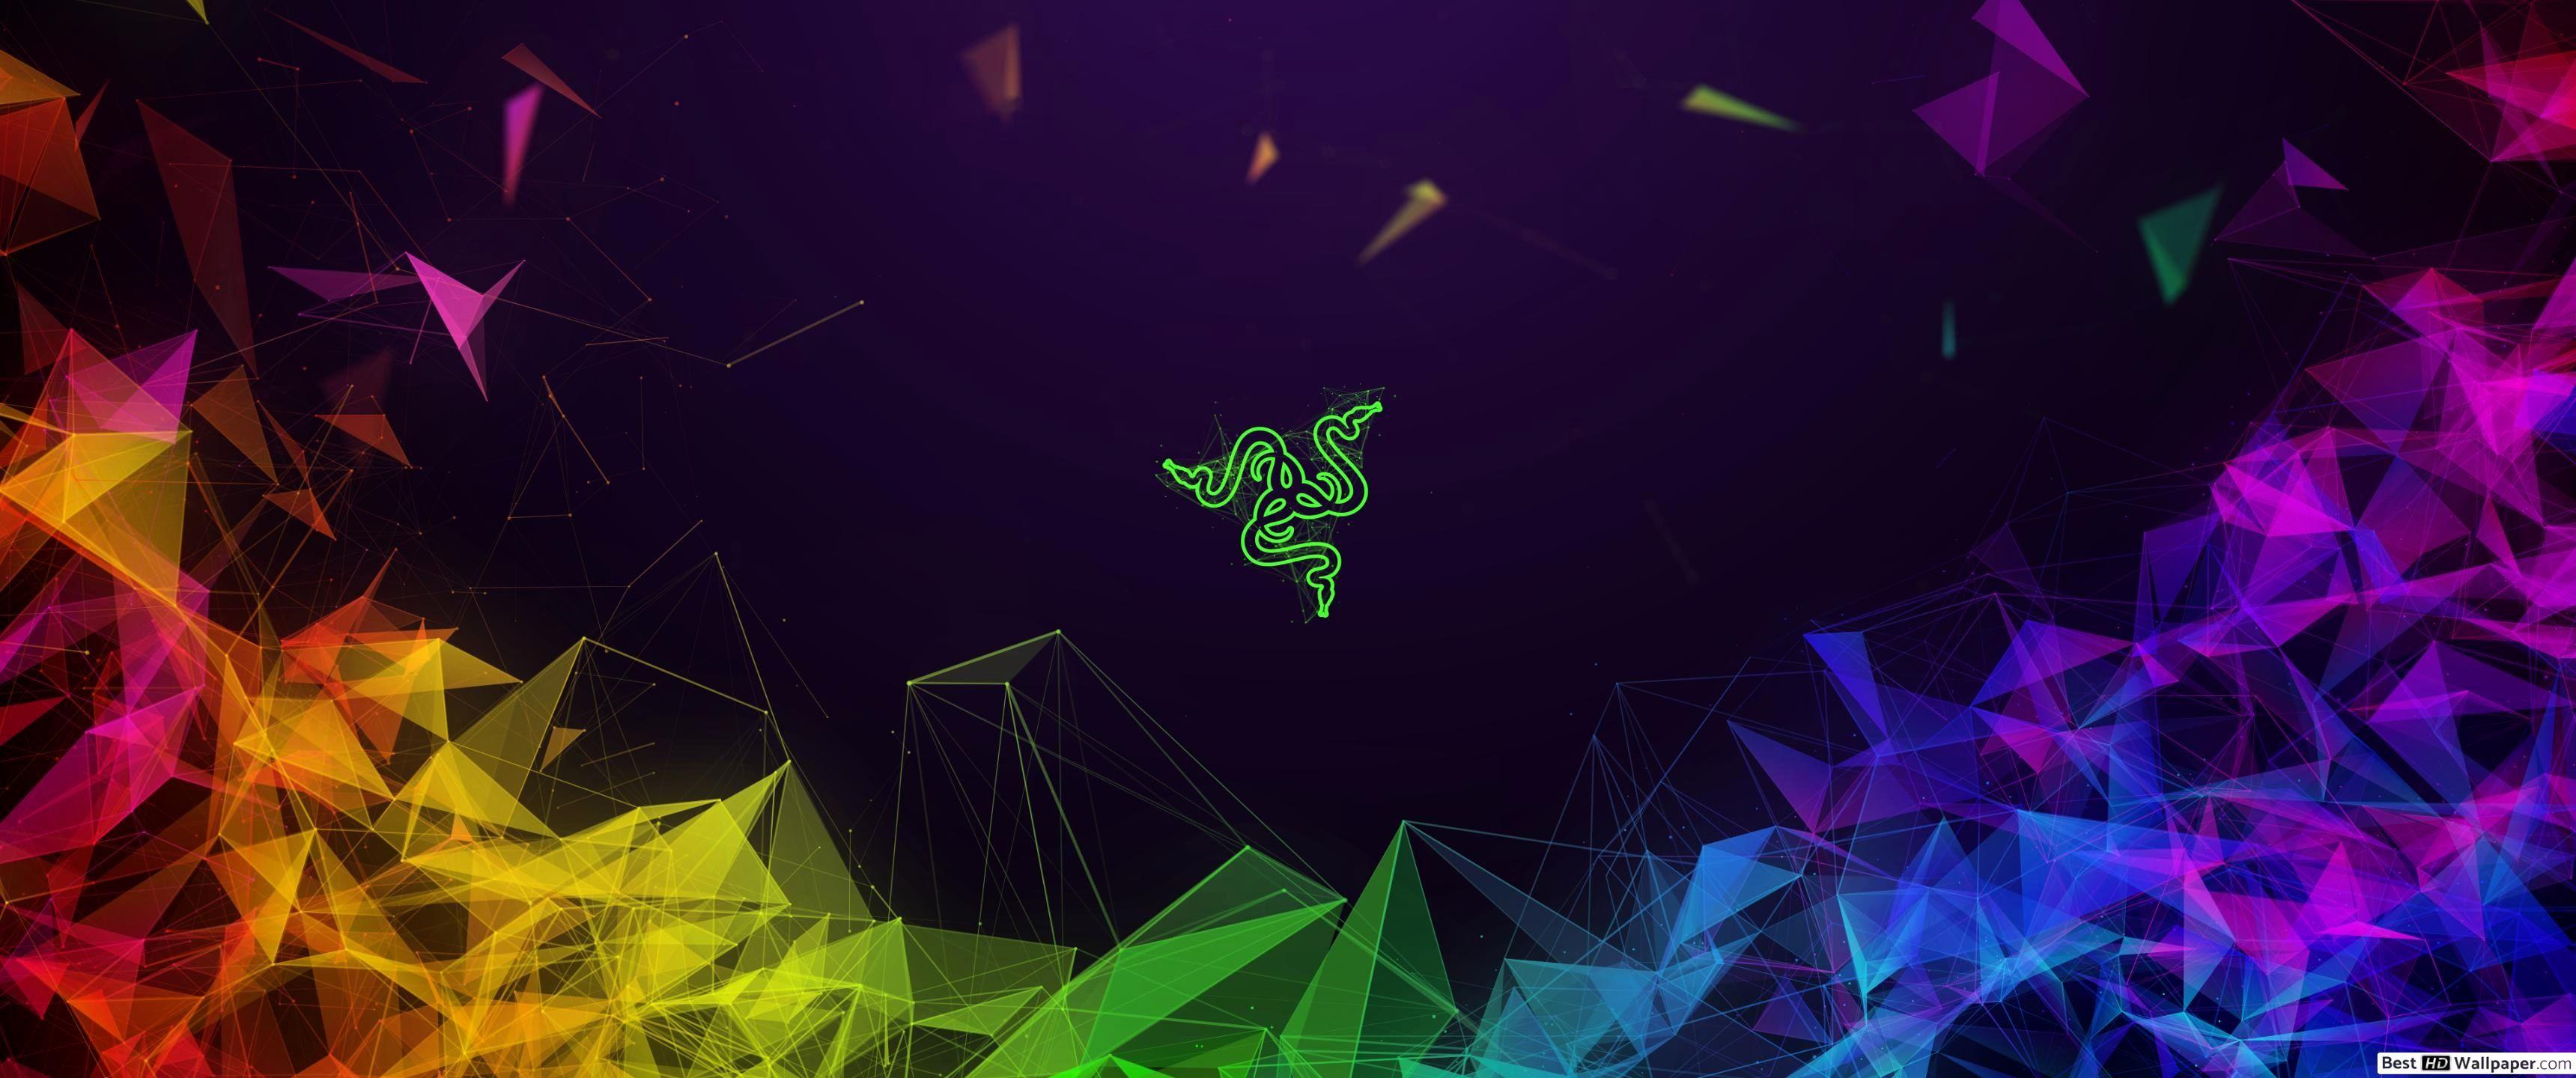 Cool Desktop Gaming Wallpapers Wallpaper Cave